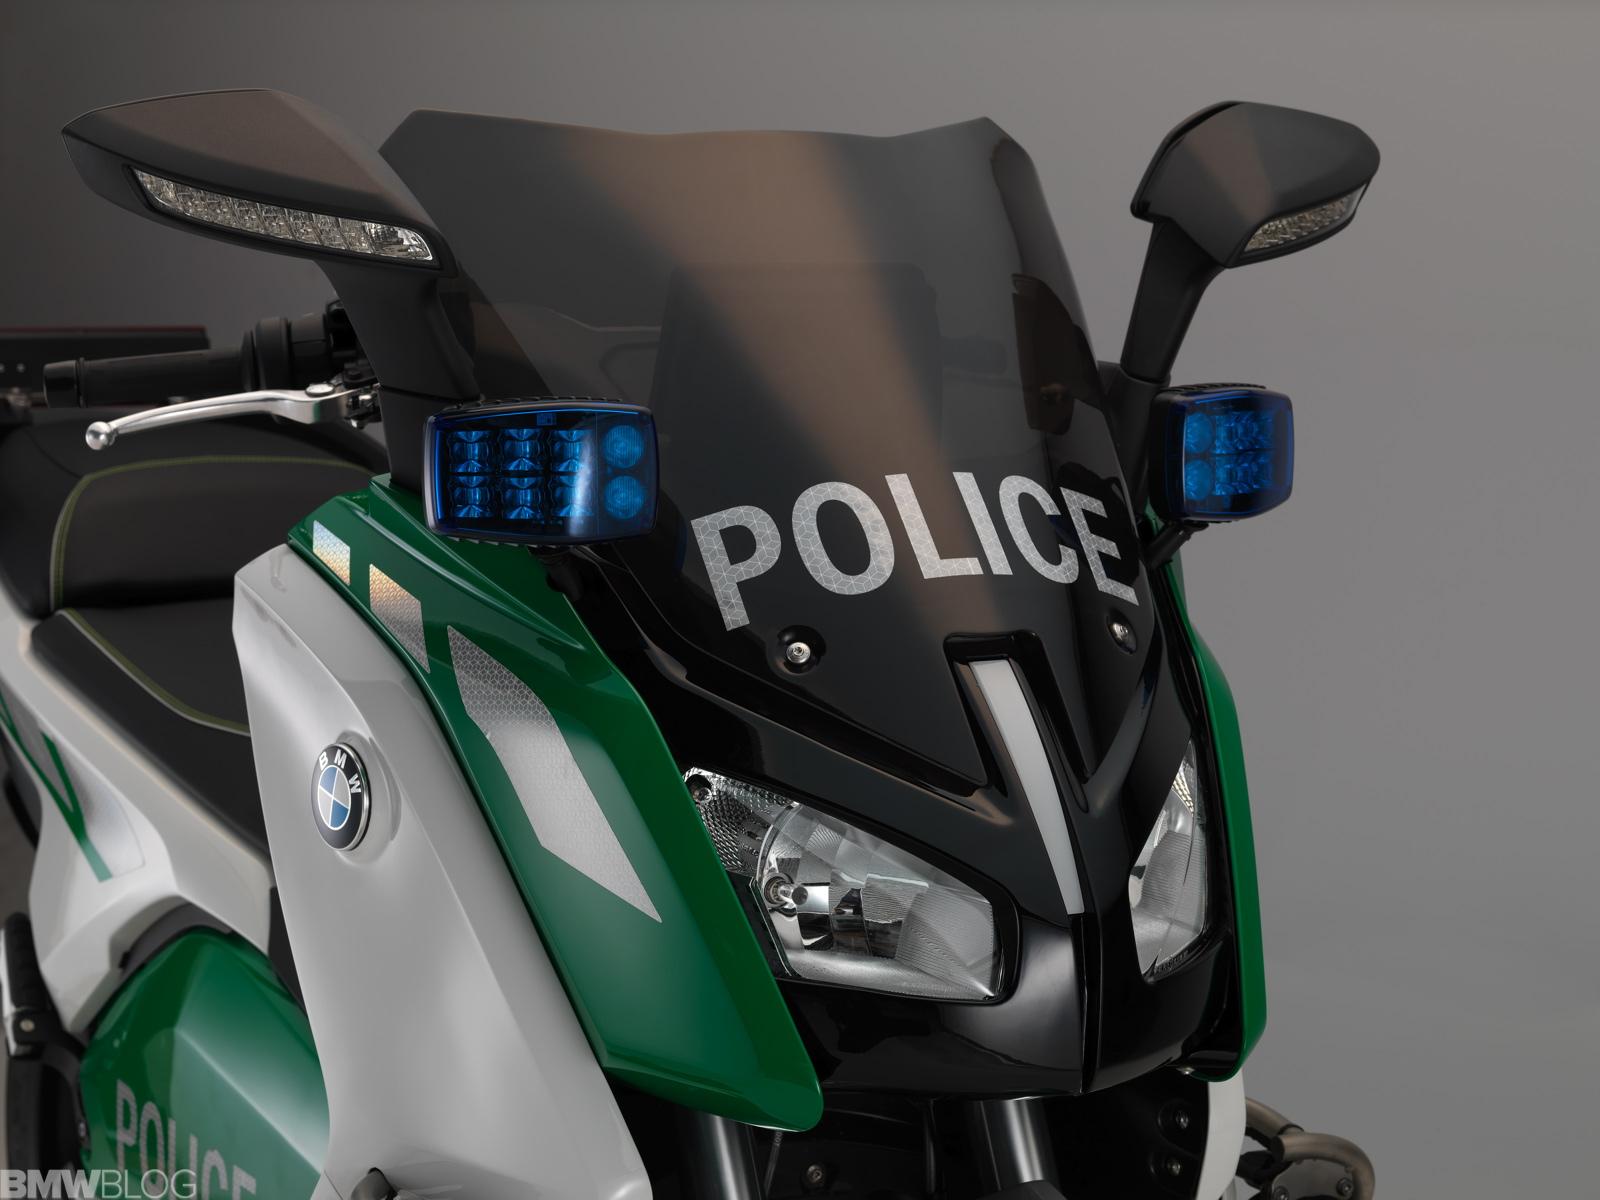 Concept Bmw C Evolution Authorities Vehicle